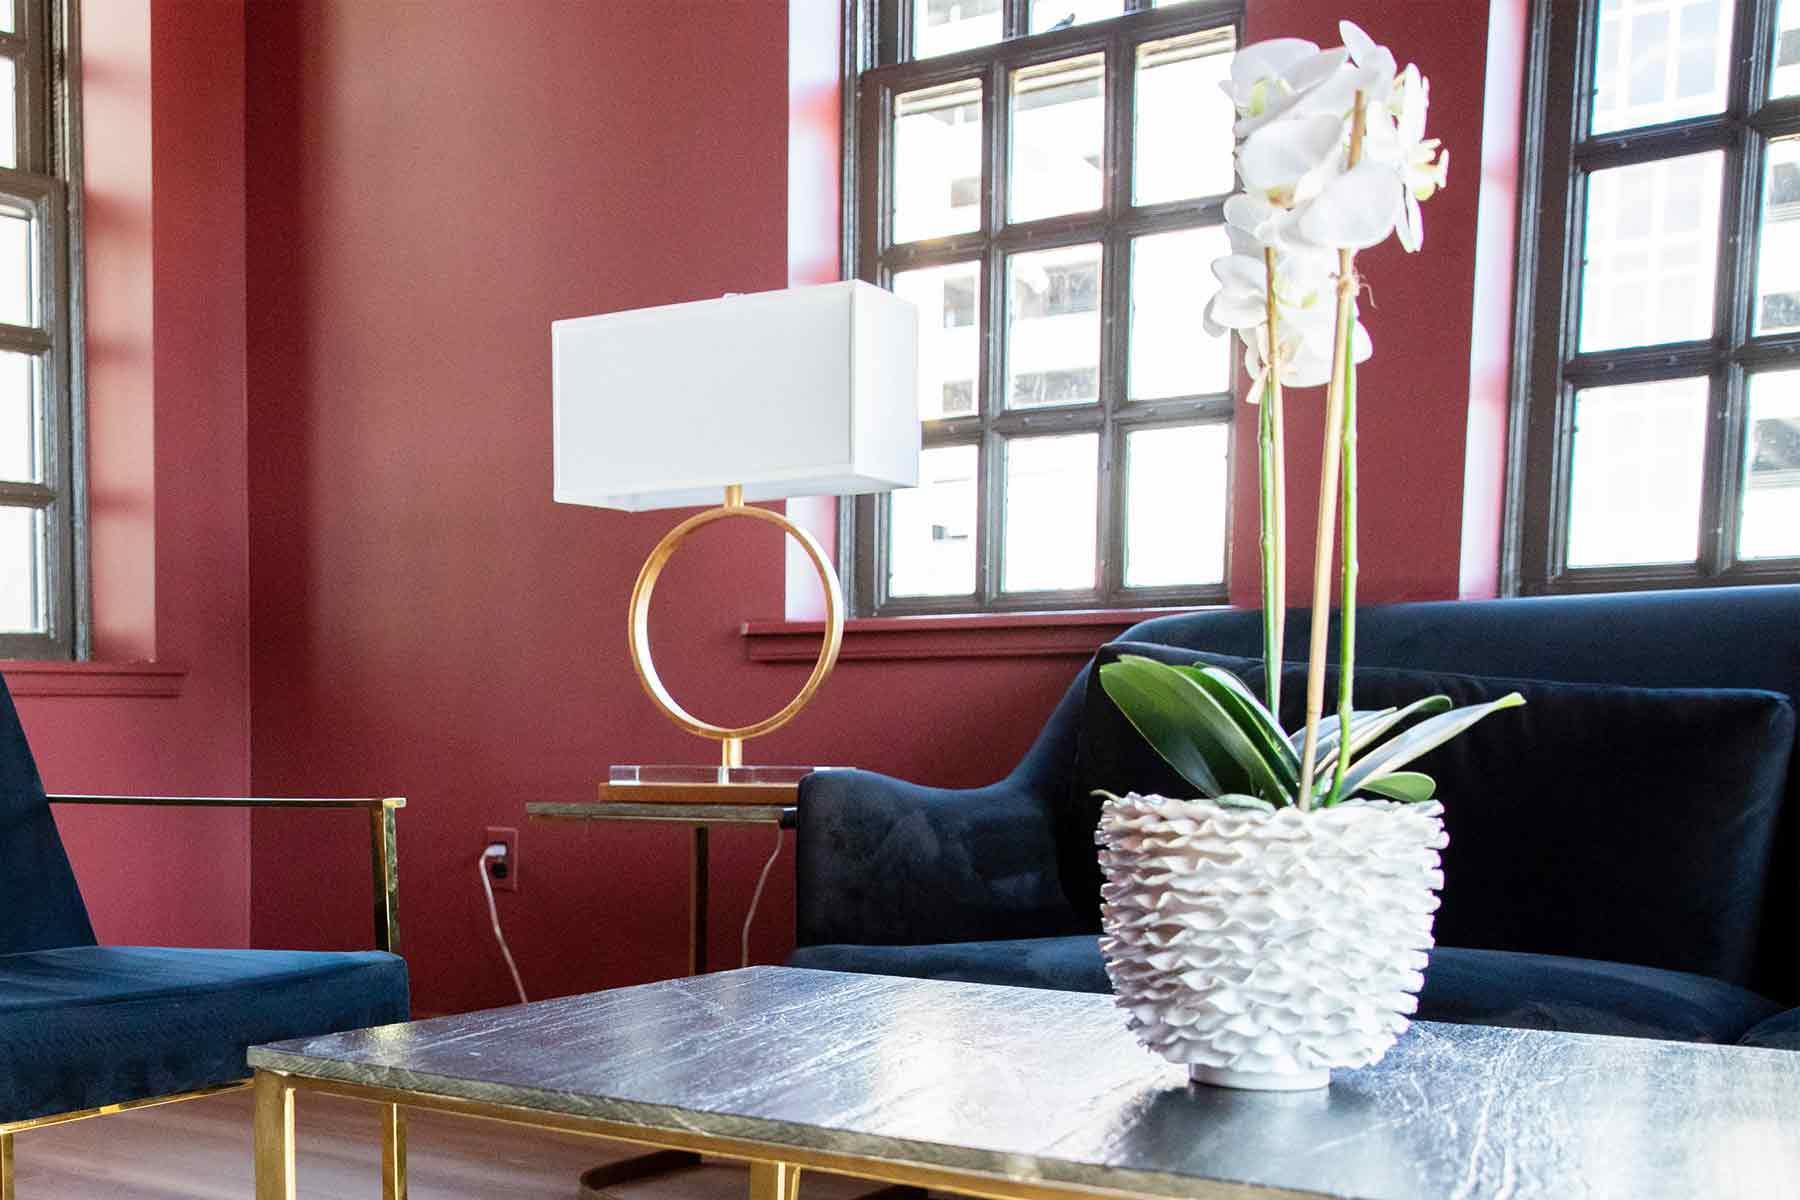 Dekorasi tanaman bunga ruang tamu, foto oleh In Lieu & In View, via unsplash.com